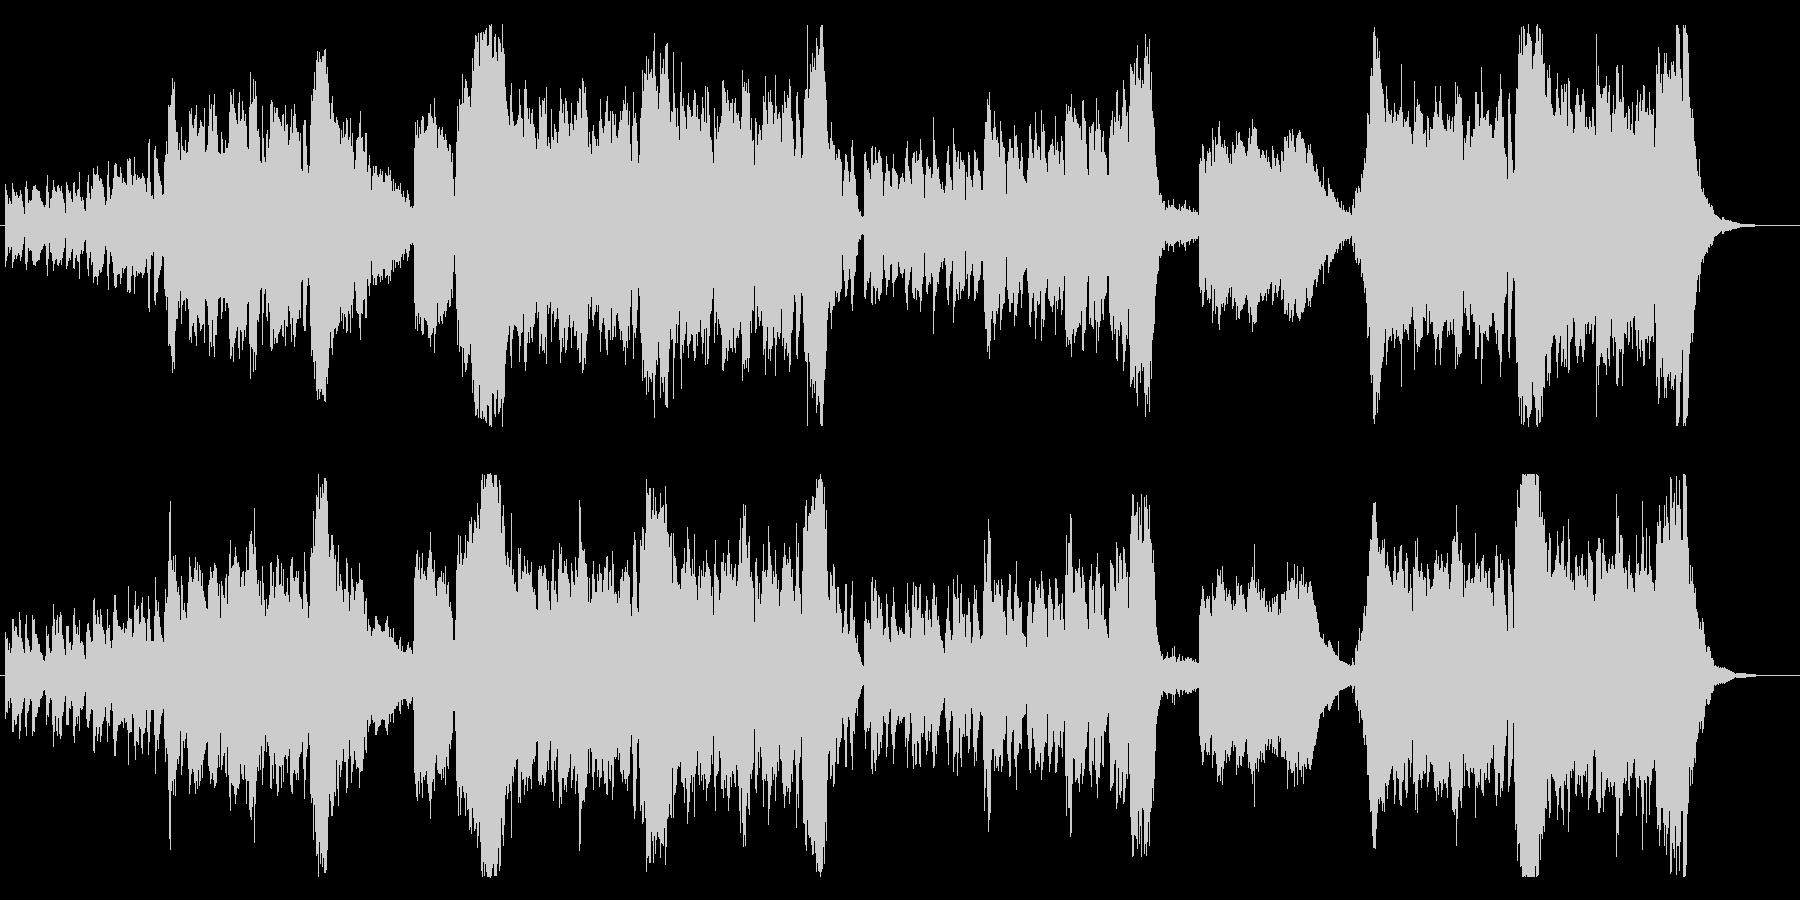 ハロウィンに聴きたい王道ゴシックメルヘンの未再生の波形